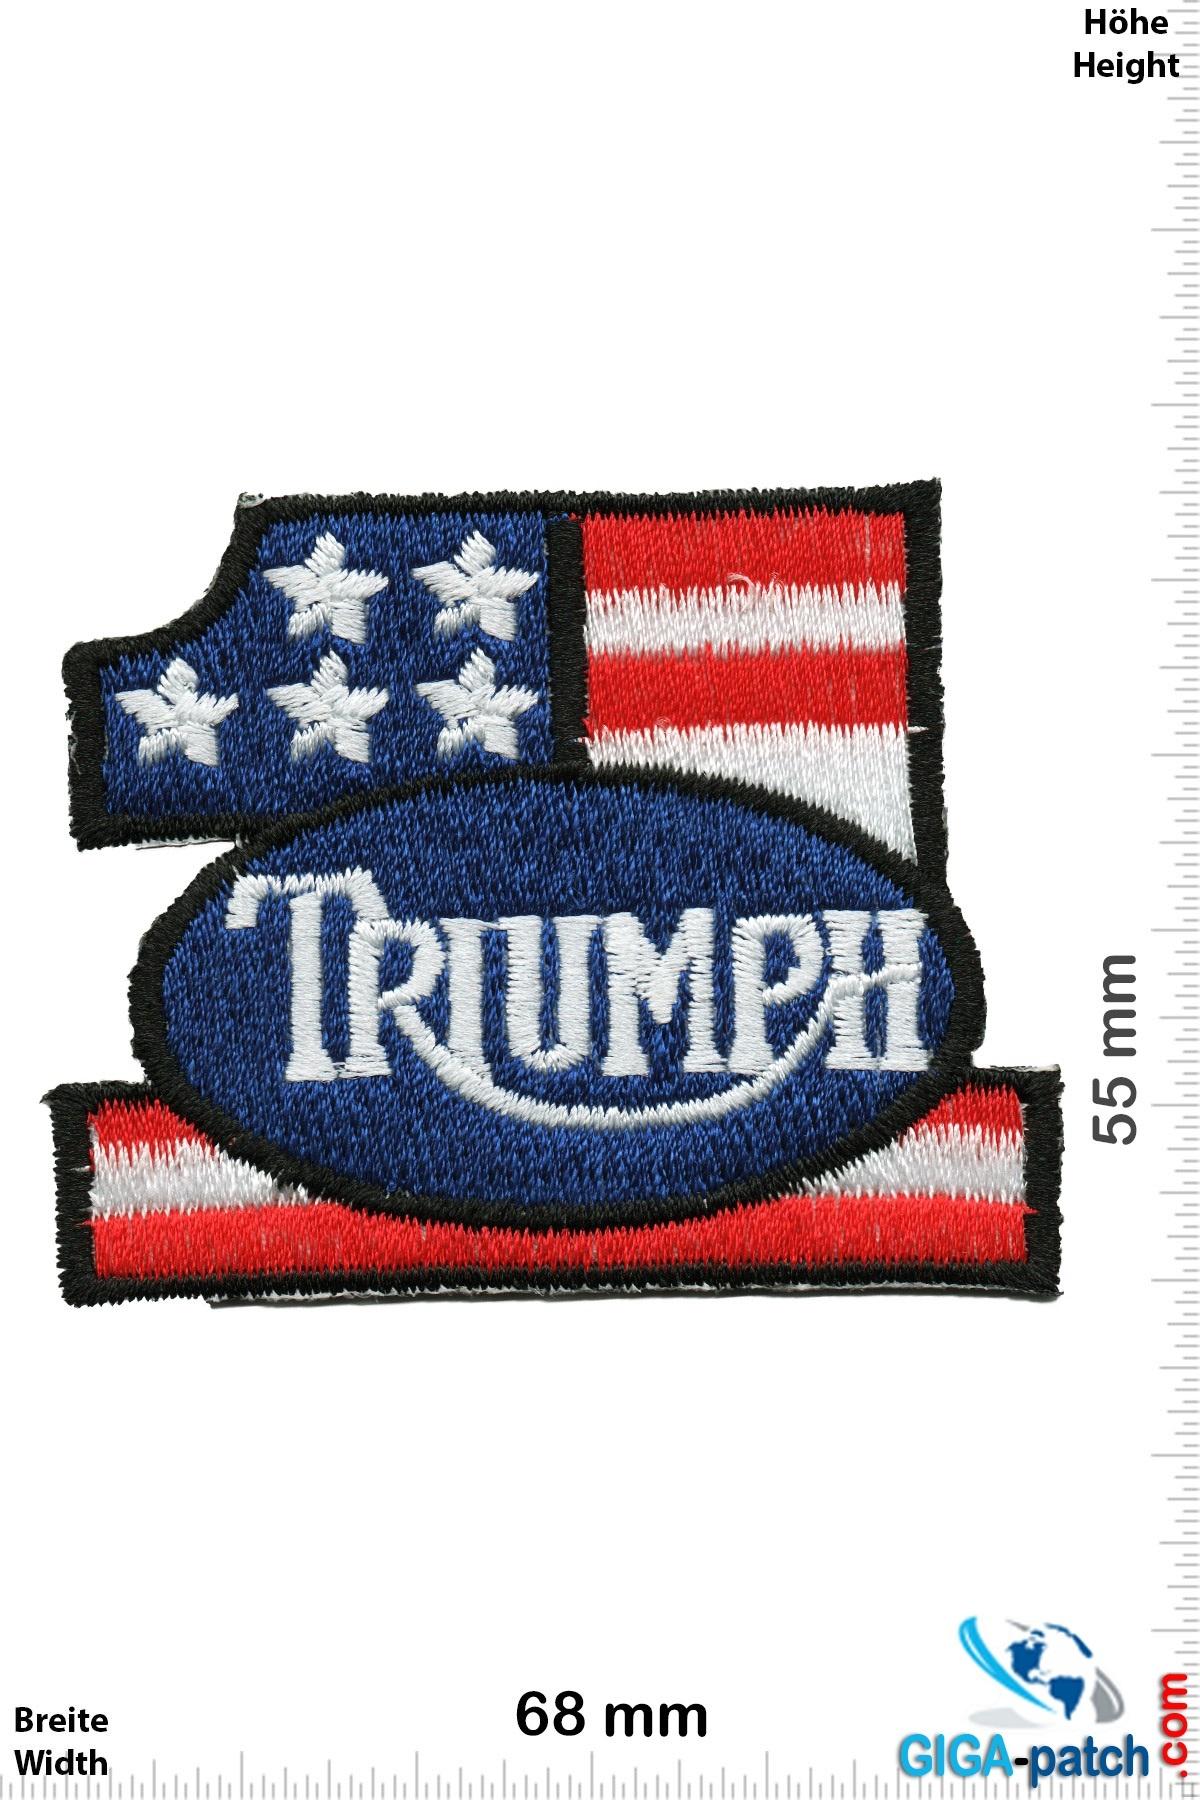 Triumph Triumph - 1 USA